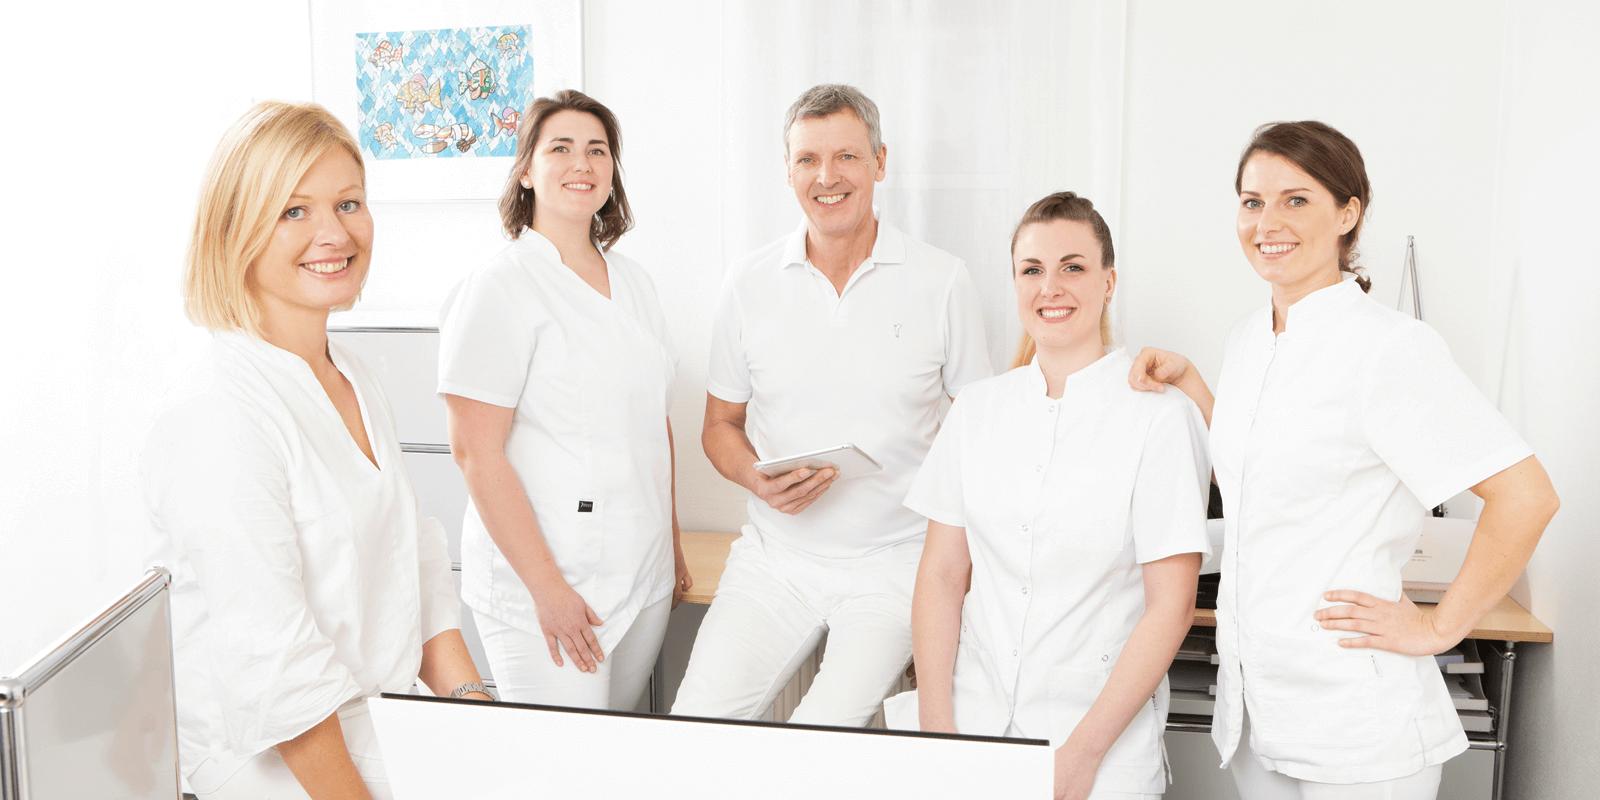 Zahnarzt Dr Lentz Heidelberg - Team